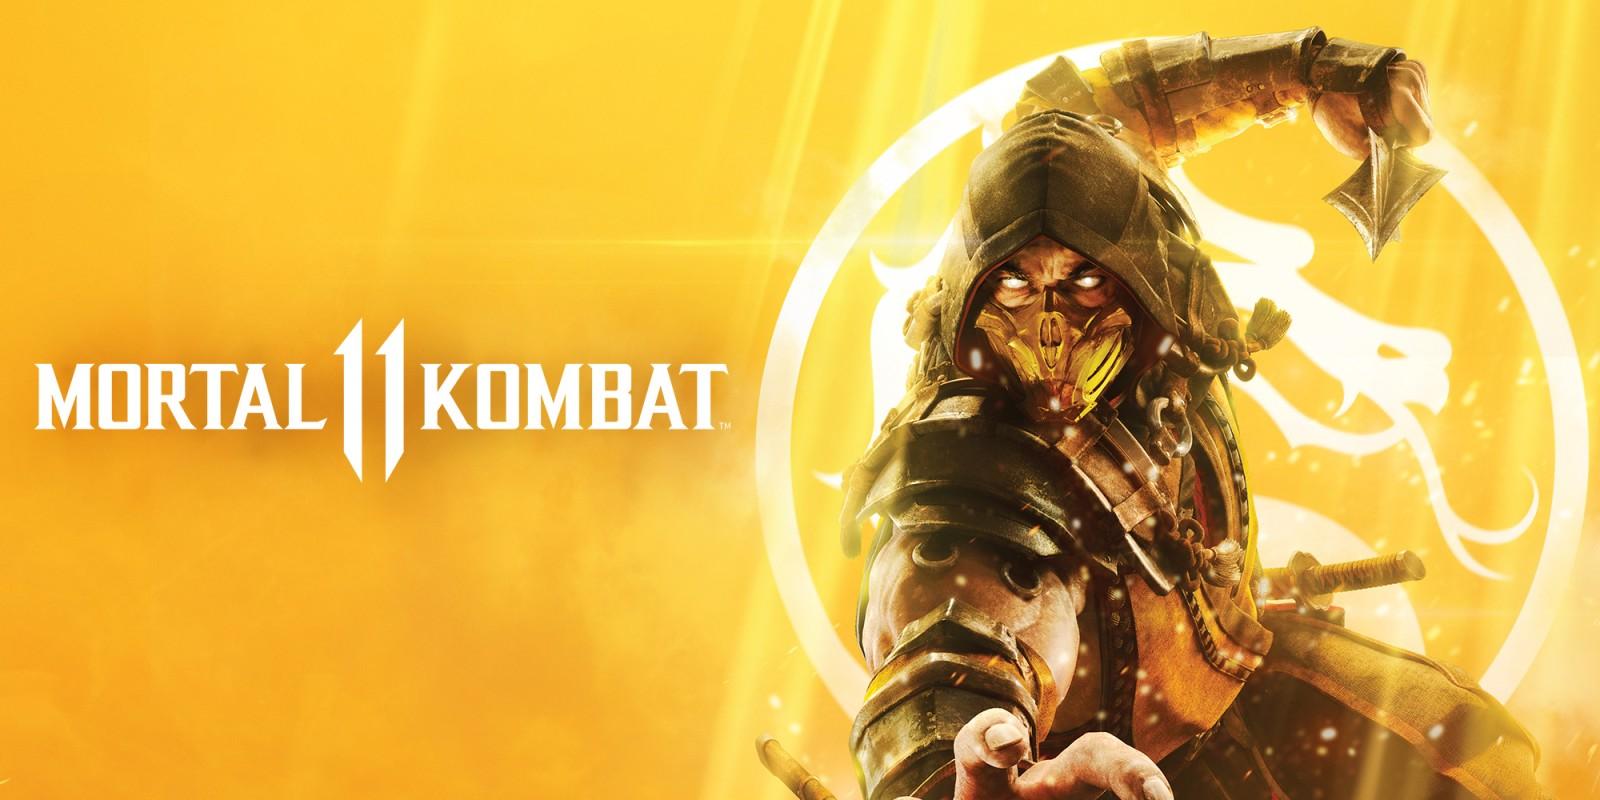 Mortal Kombat 11 | Nintendo Switch | Games | Nintendo